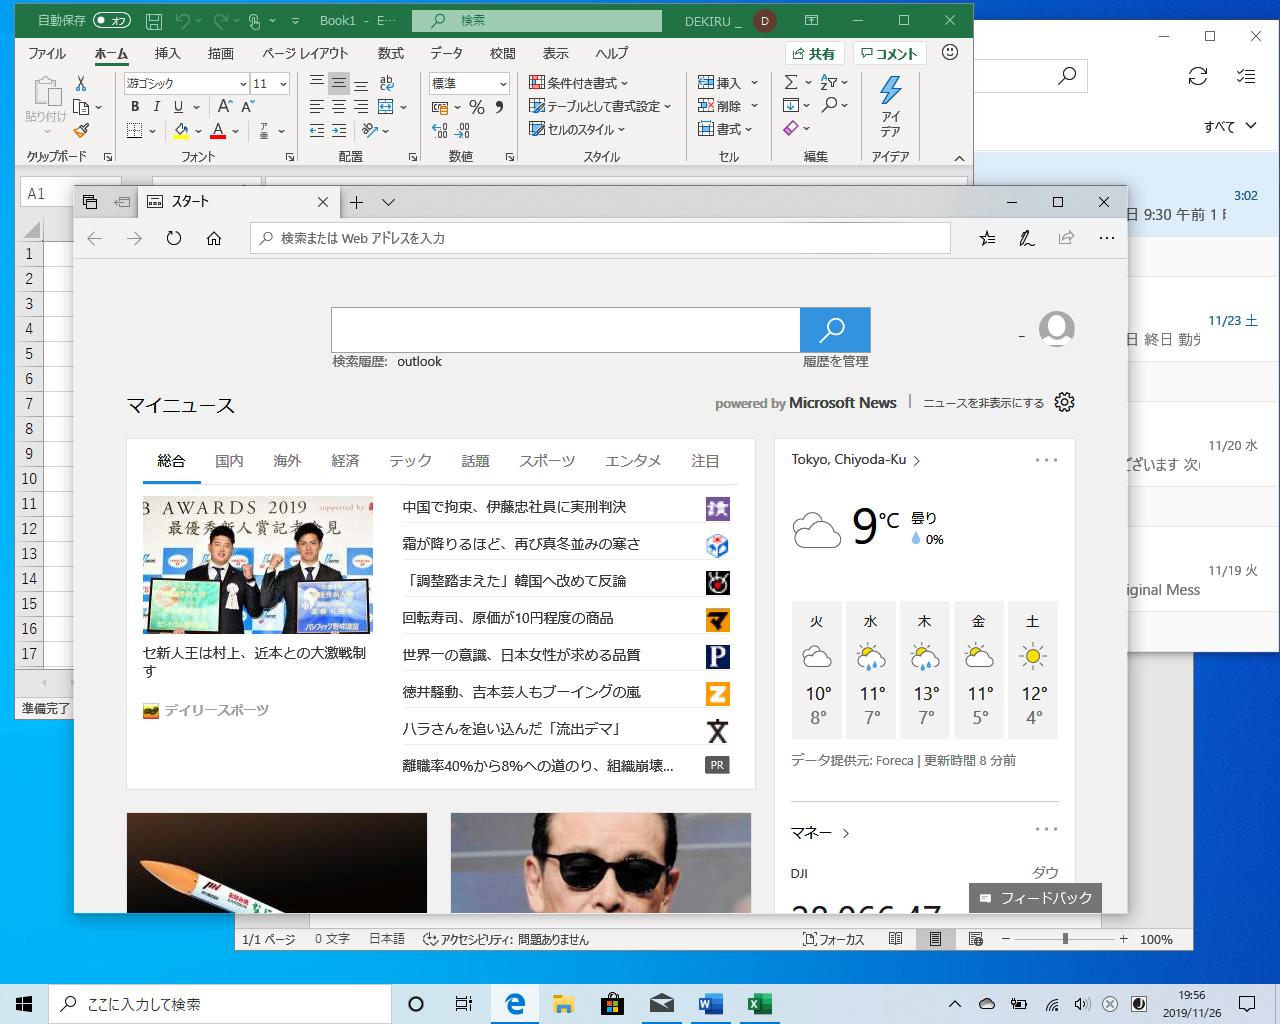 【Windows Tips】よく使うアプリをすばやく呼び出す。タスクバーにもショートカットキーがある